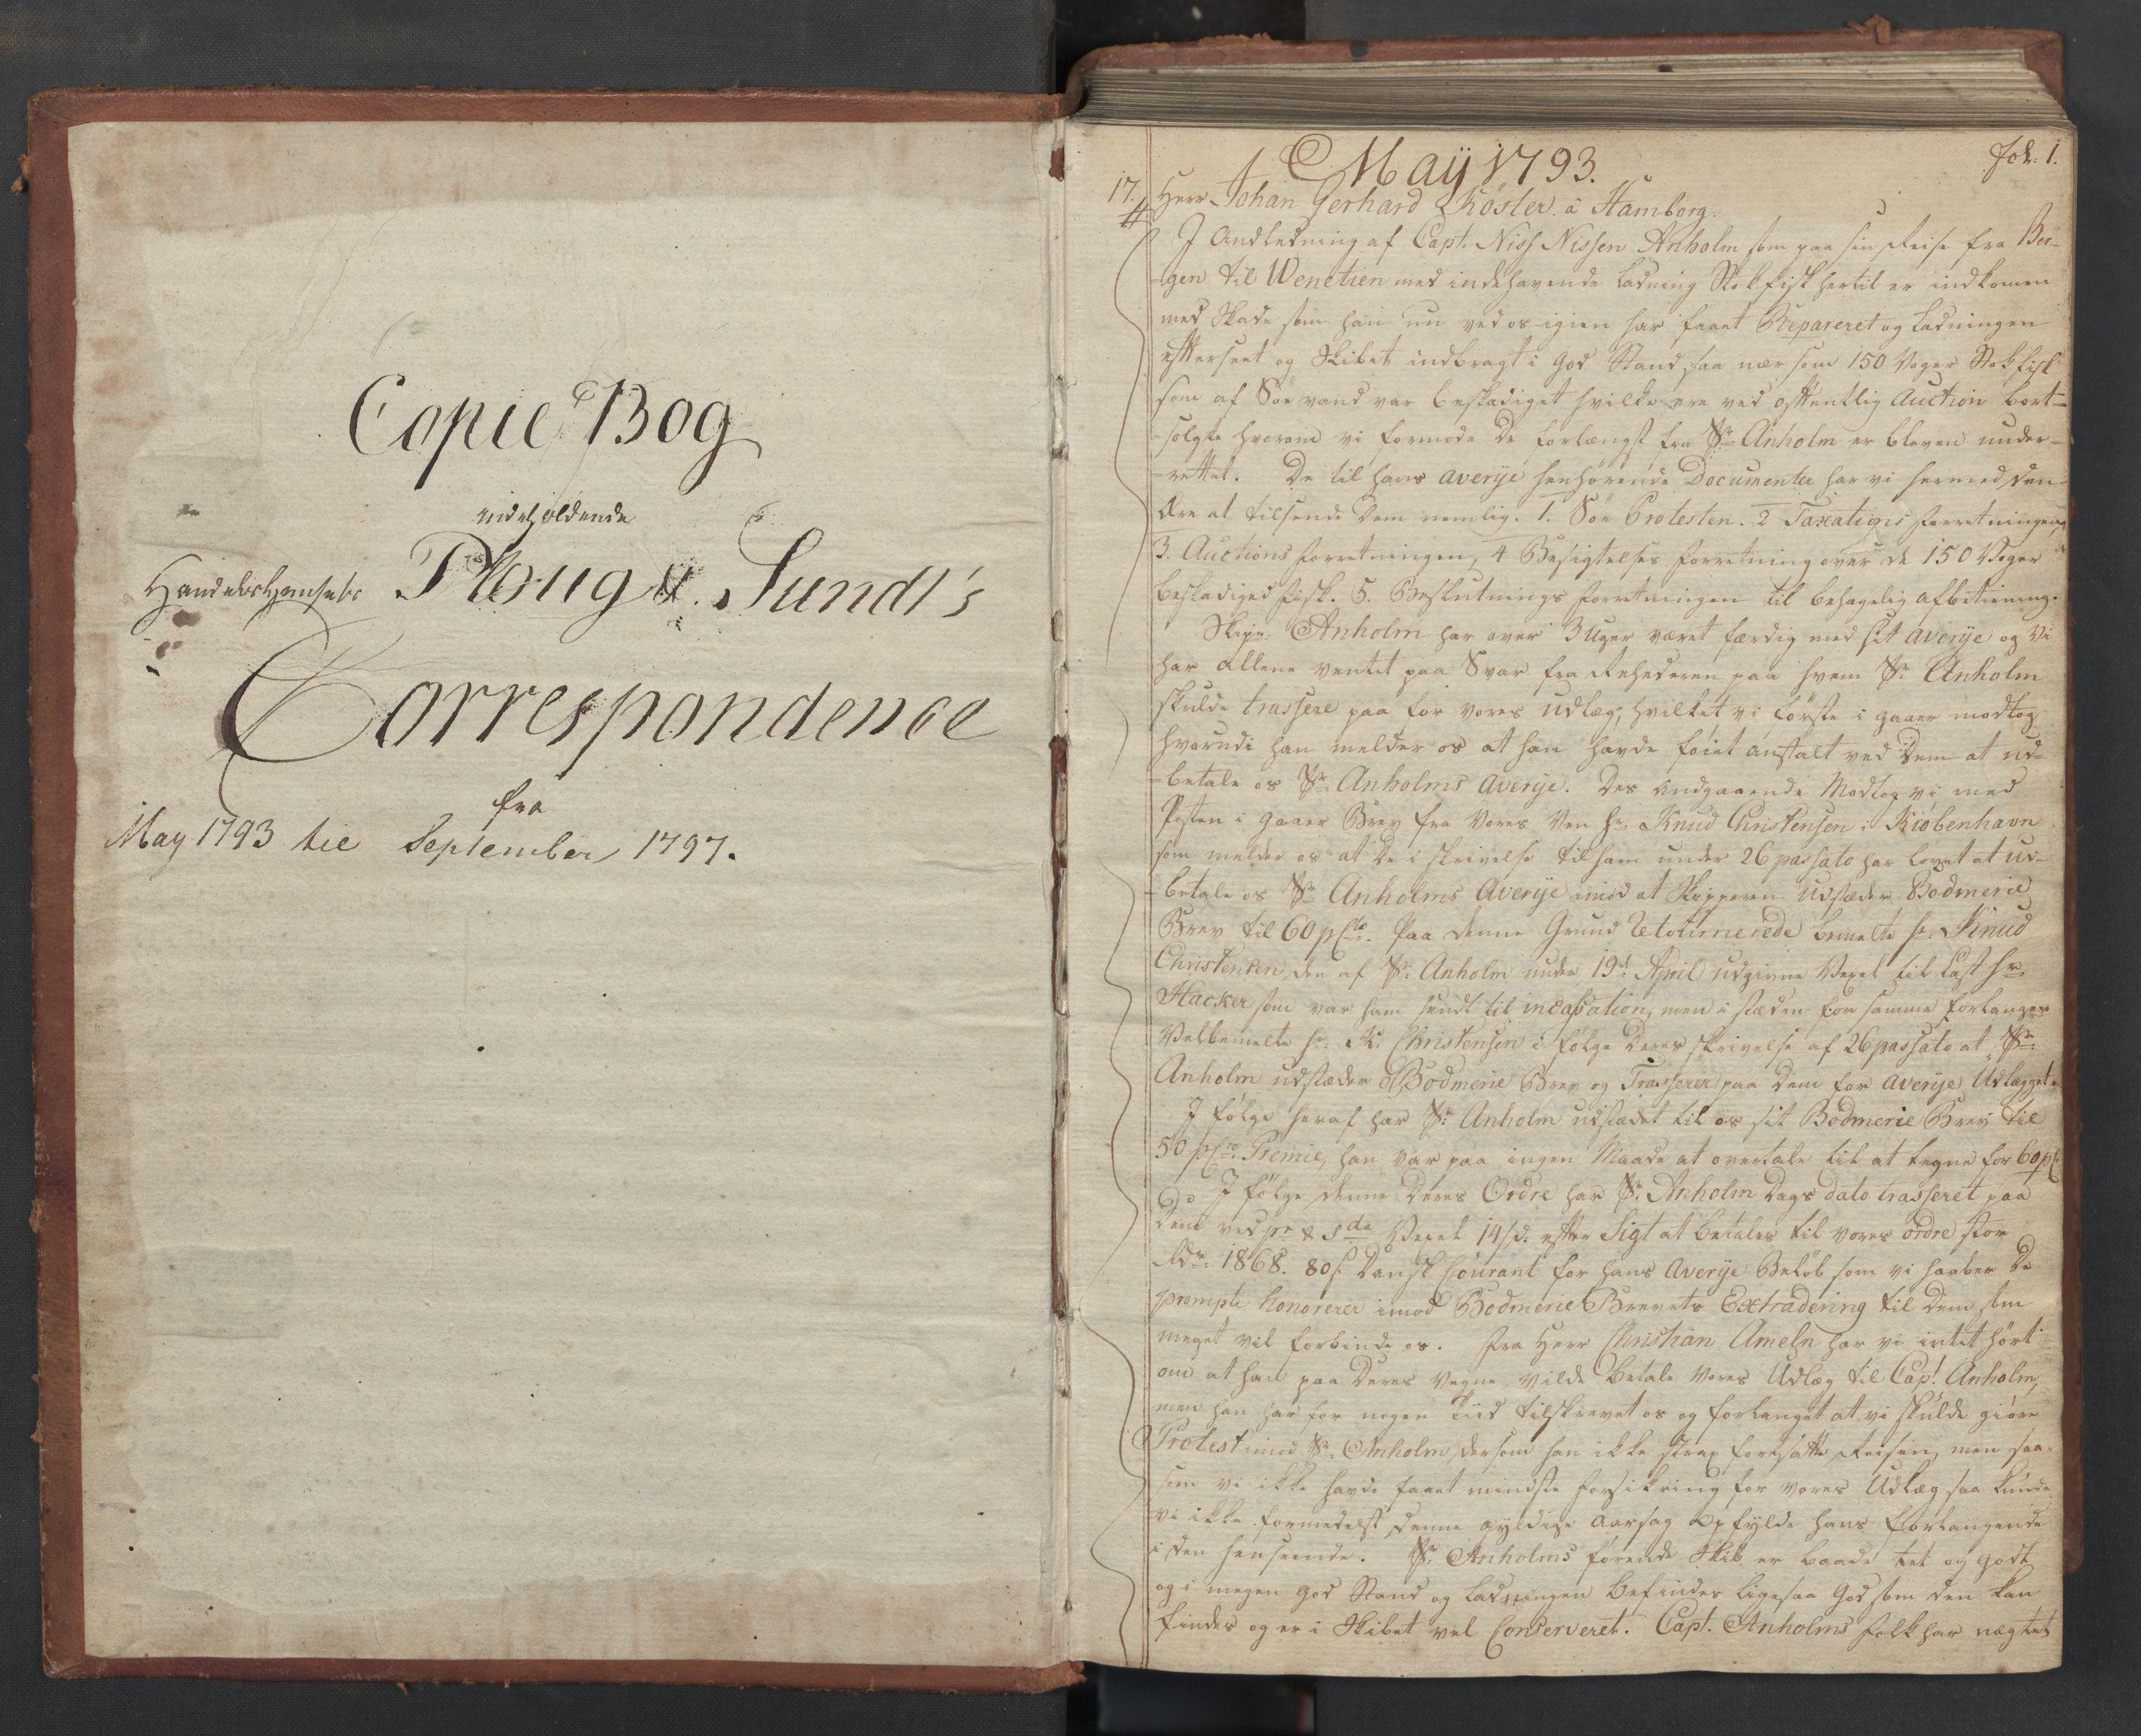 SAST, Pa 0003 - Ploug & Sundt, handelshuset, B/L0007: Kopibok, 1793-1797, s. 1a